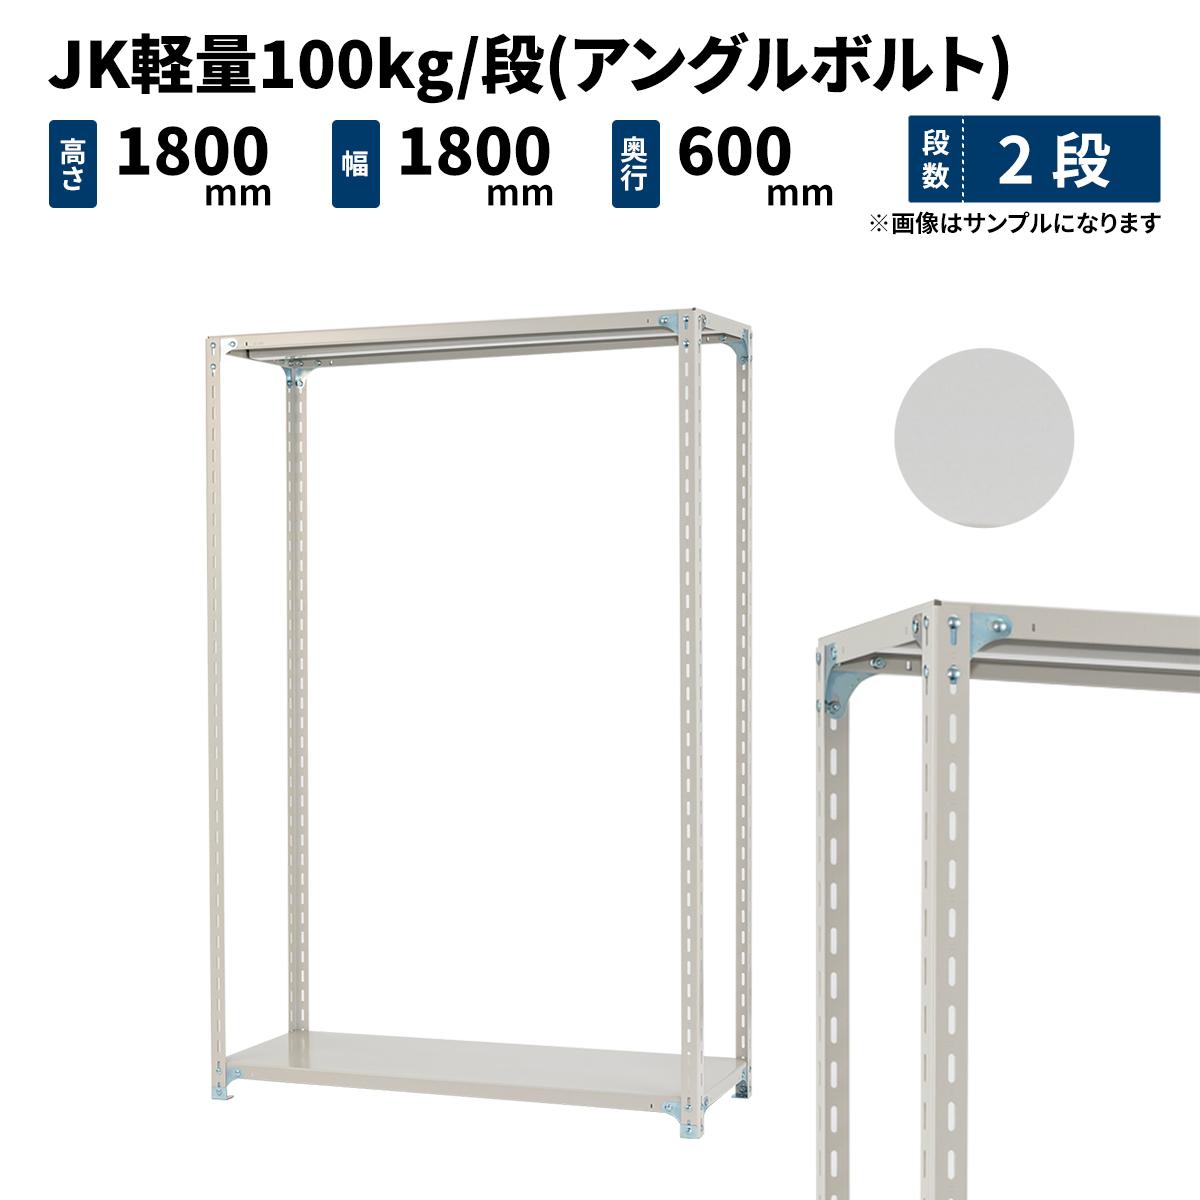 スチールラック 業務用 JK軽量100kg/段(アングルボルト) 高さ1800×幅1800×奥行600mm 2段 ホワイトグレー (36kg) JK100BT-181806-2